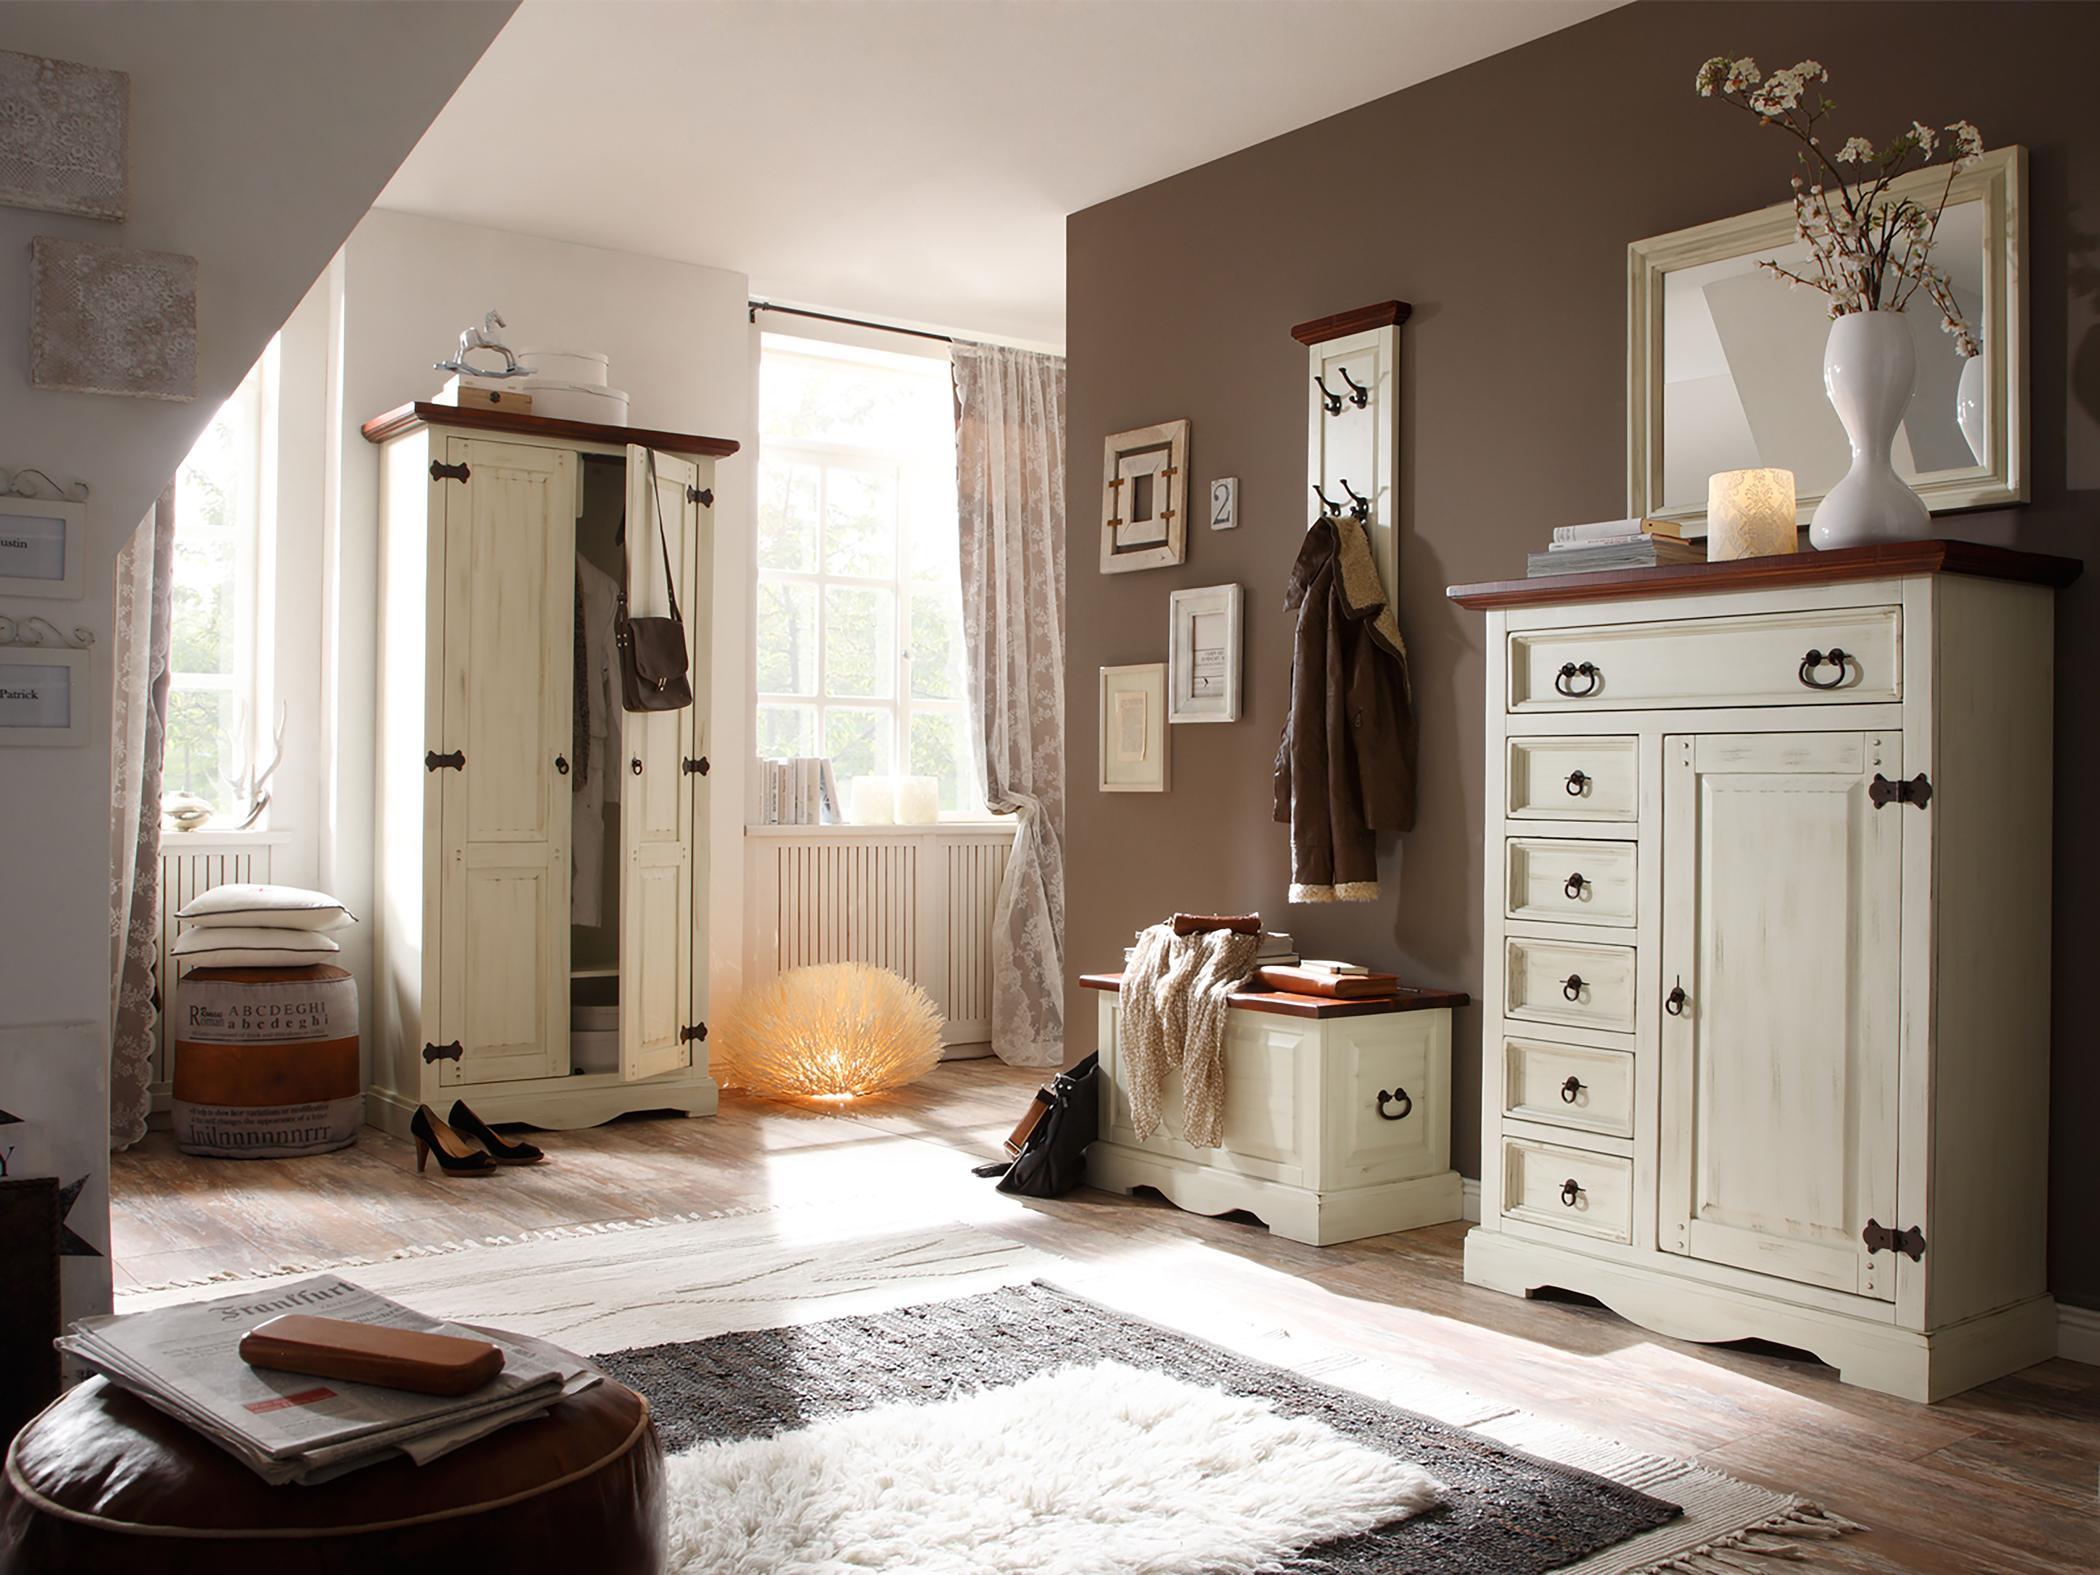 Flurm bel bilder ideen couchstyle for Schrank mit viel stauraum